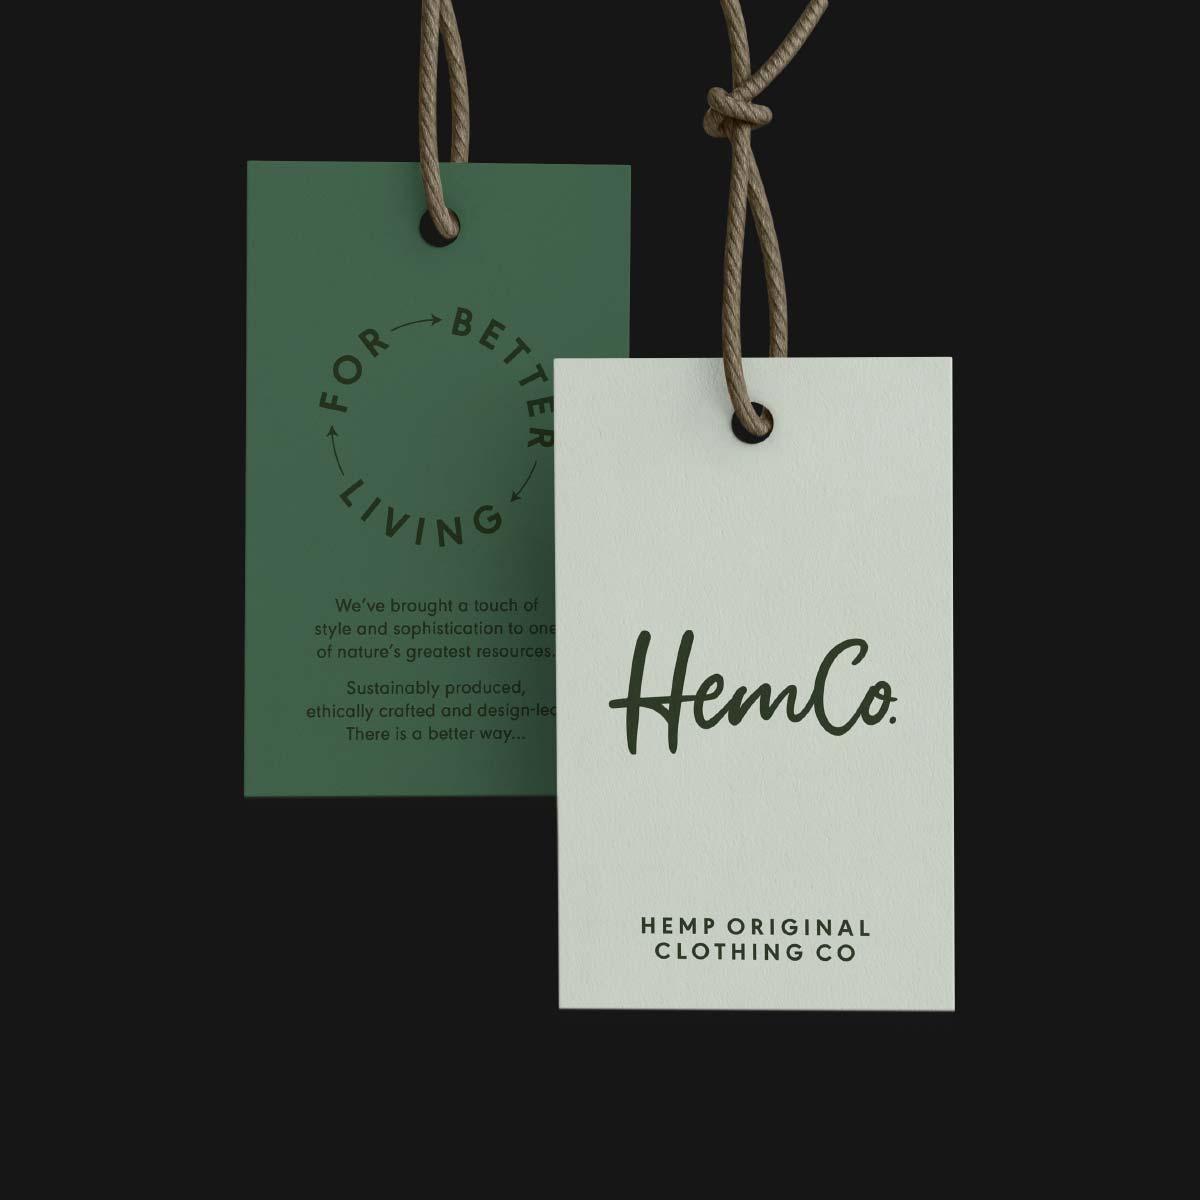 Hemco-3a2